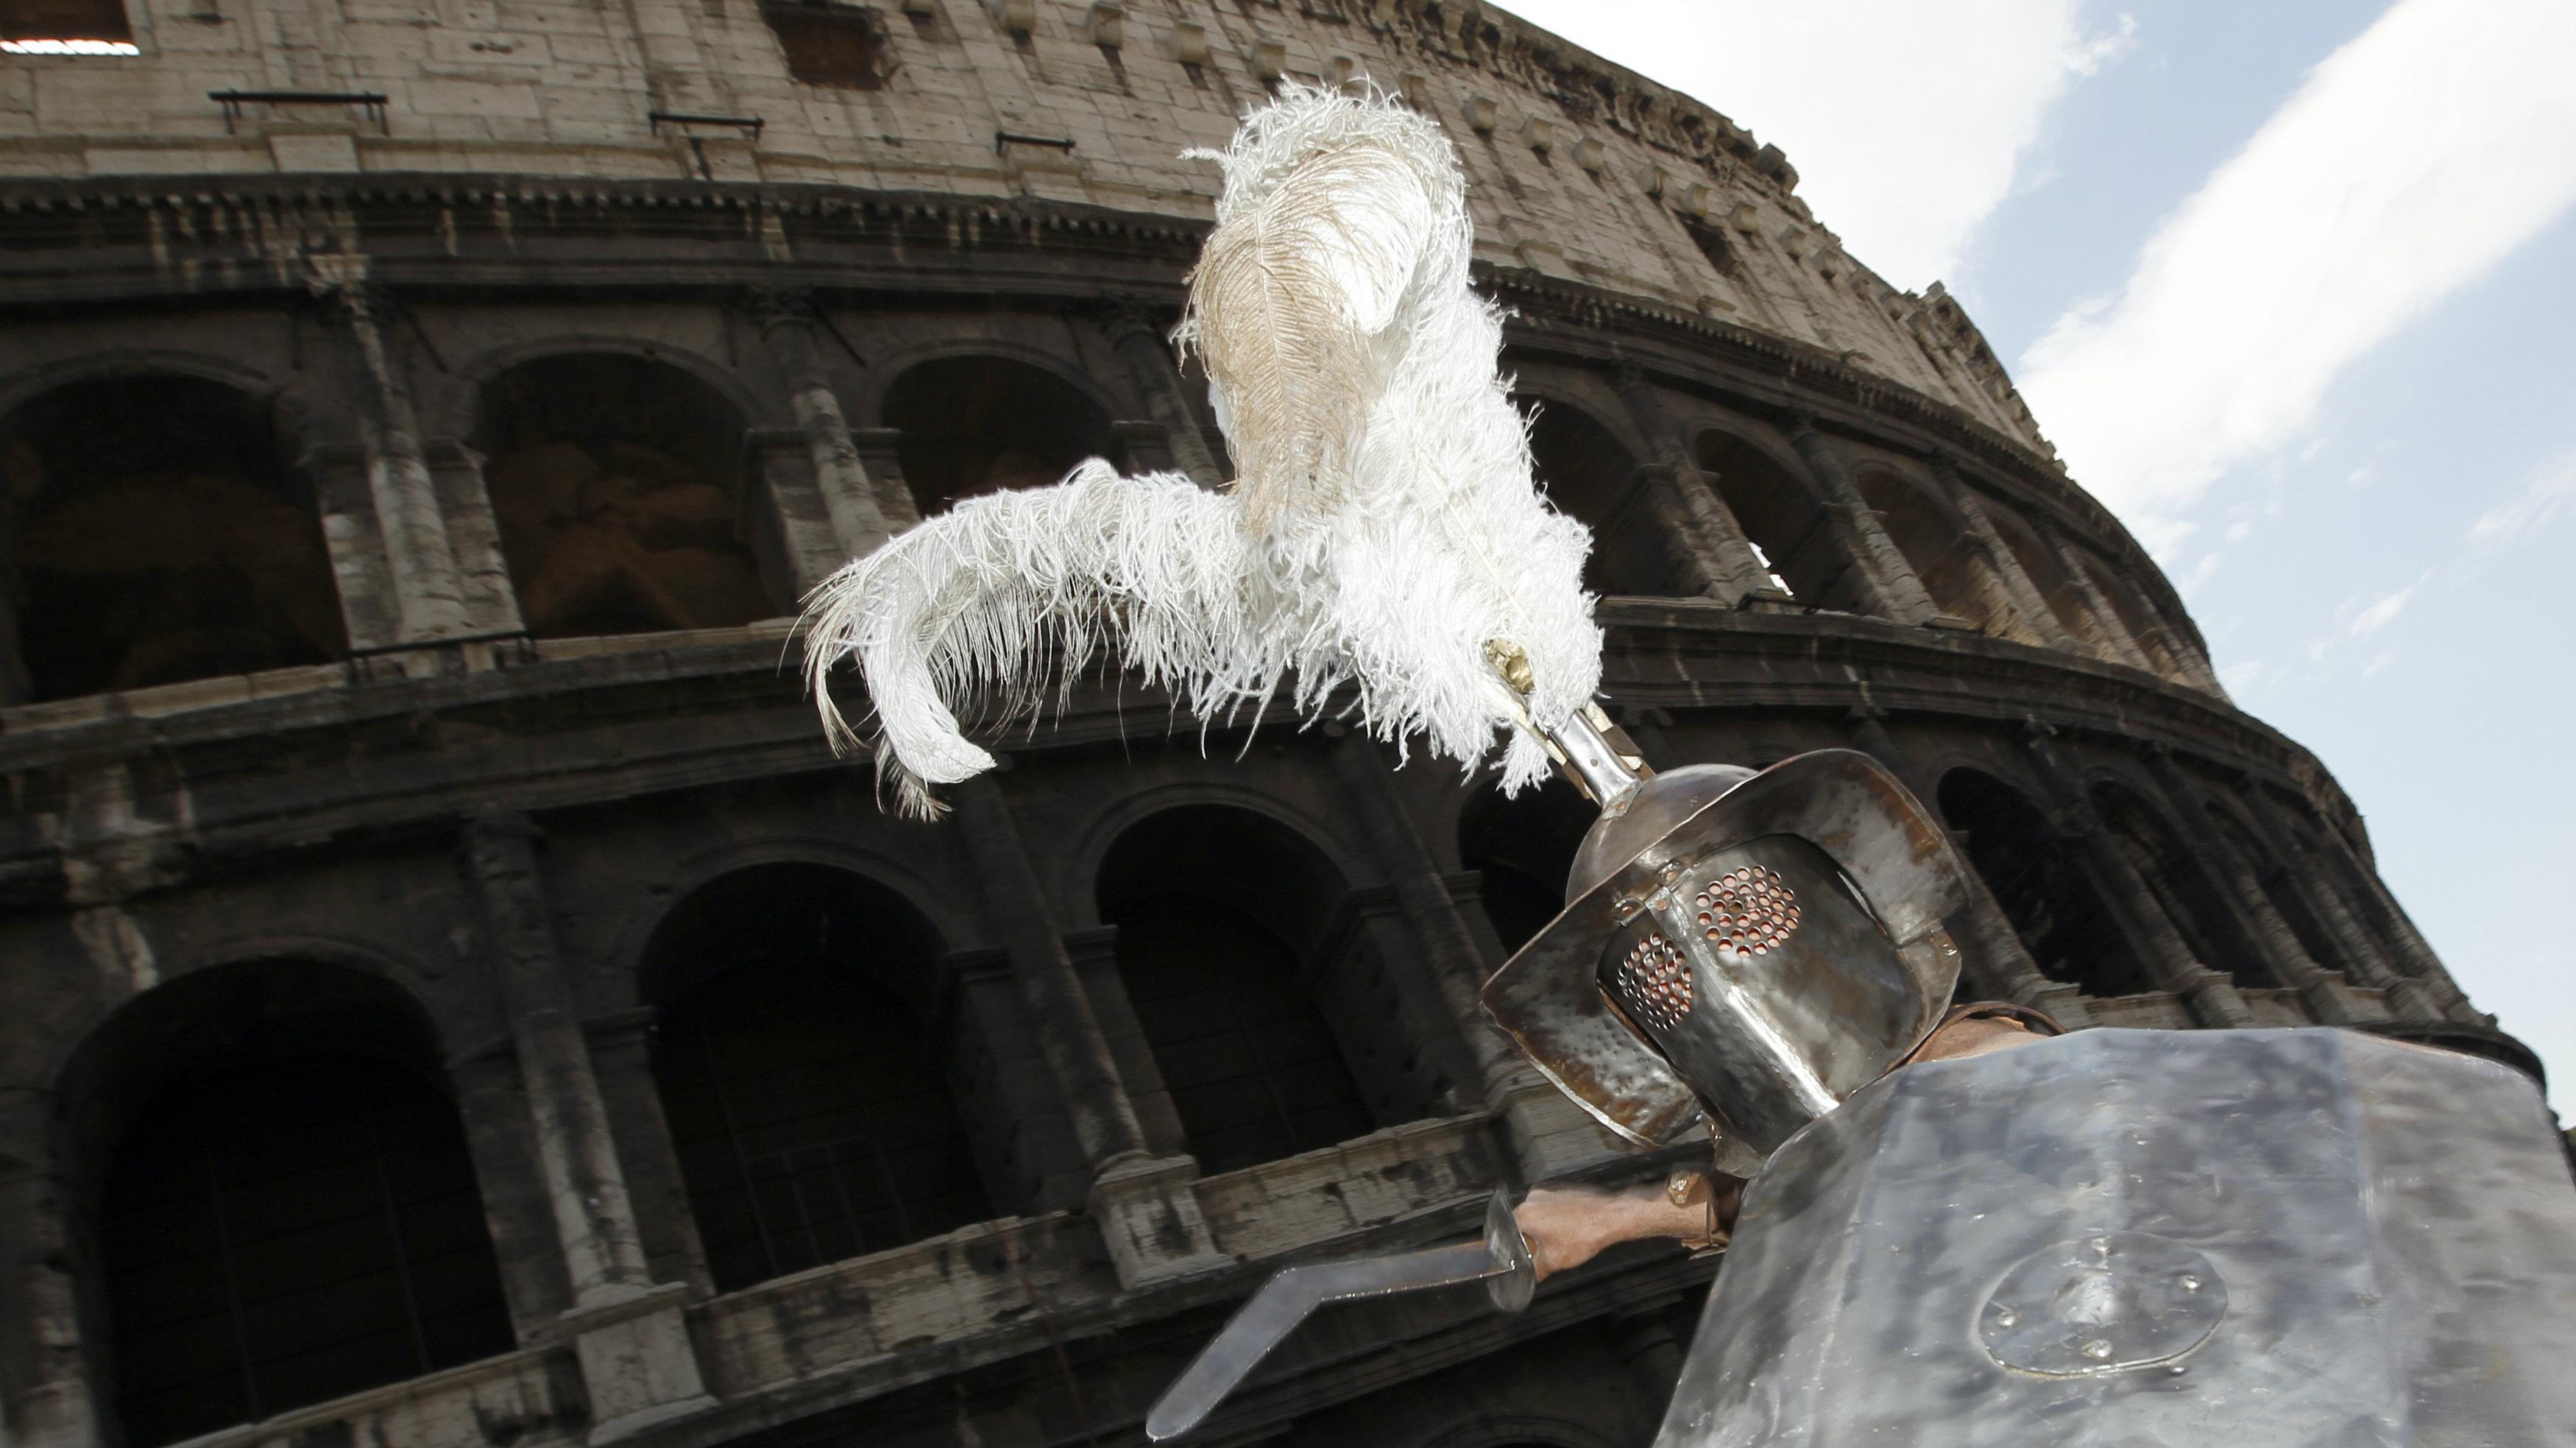 Gladiator in Rome